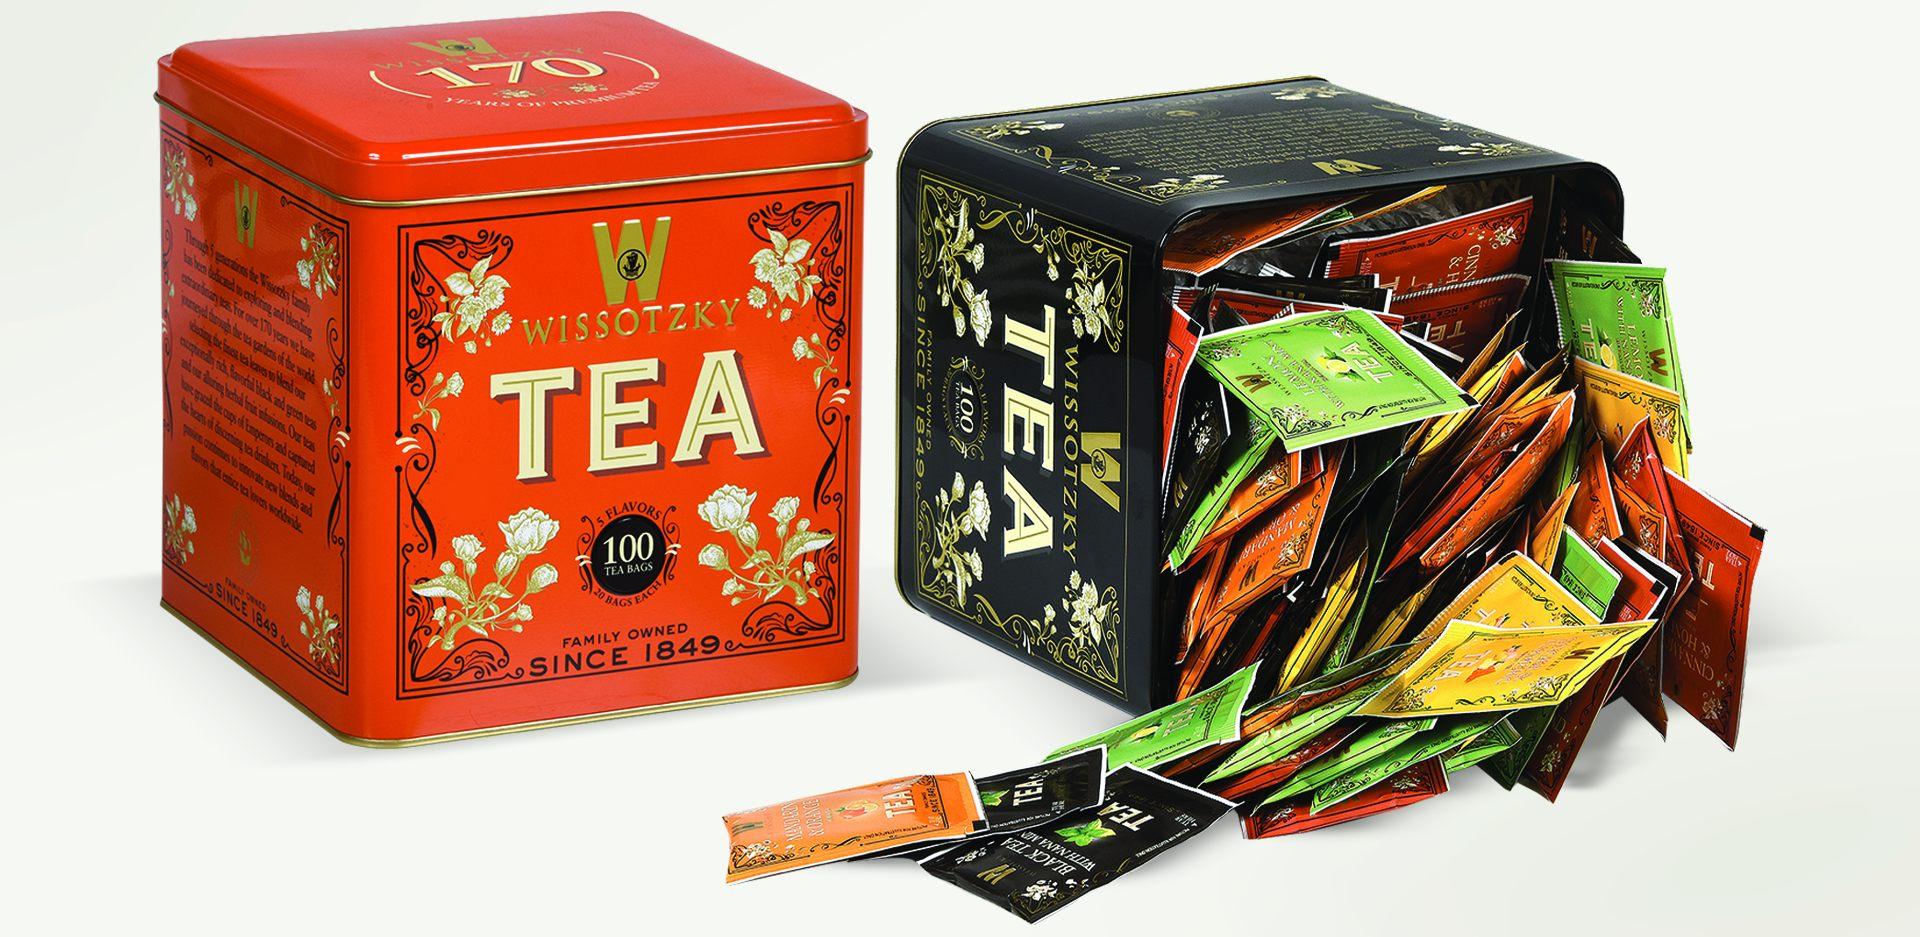 ヴィソツキーティーの歩み – Wissotzky Tea